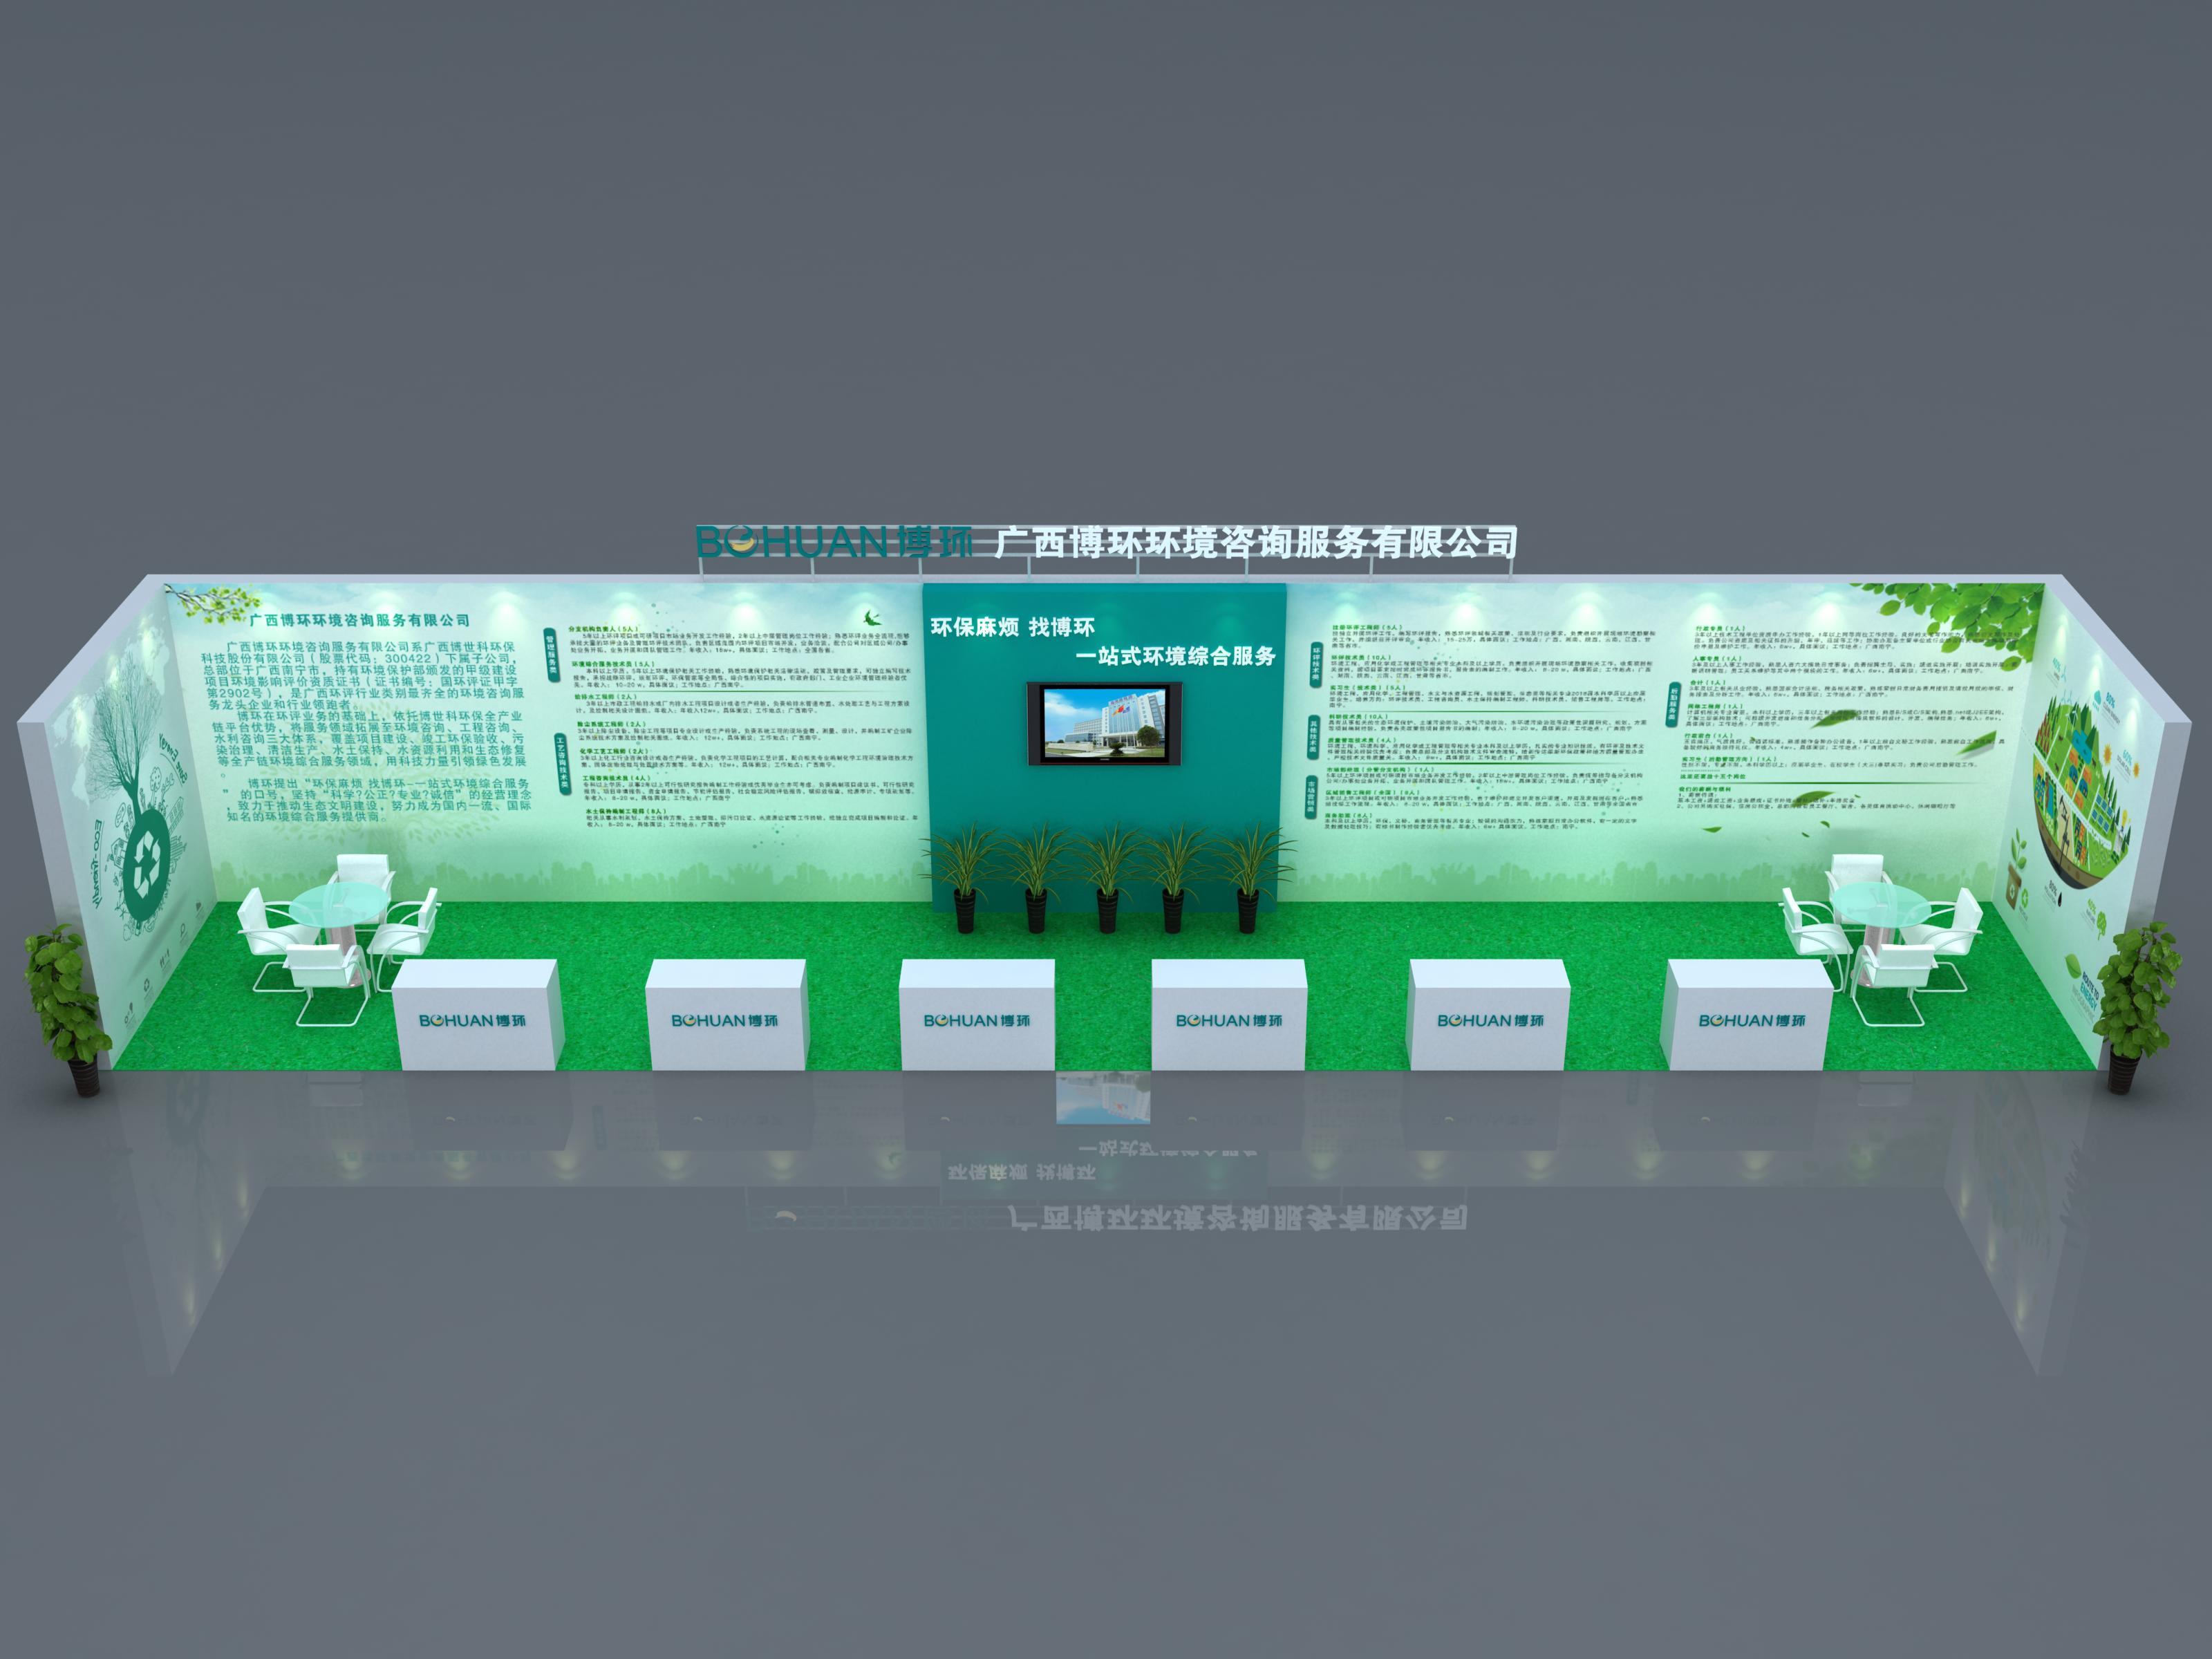 广西博环环境咨询服务有限公司展位设计方案